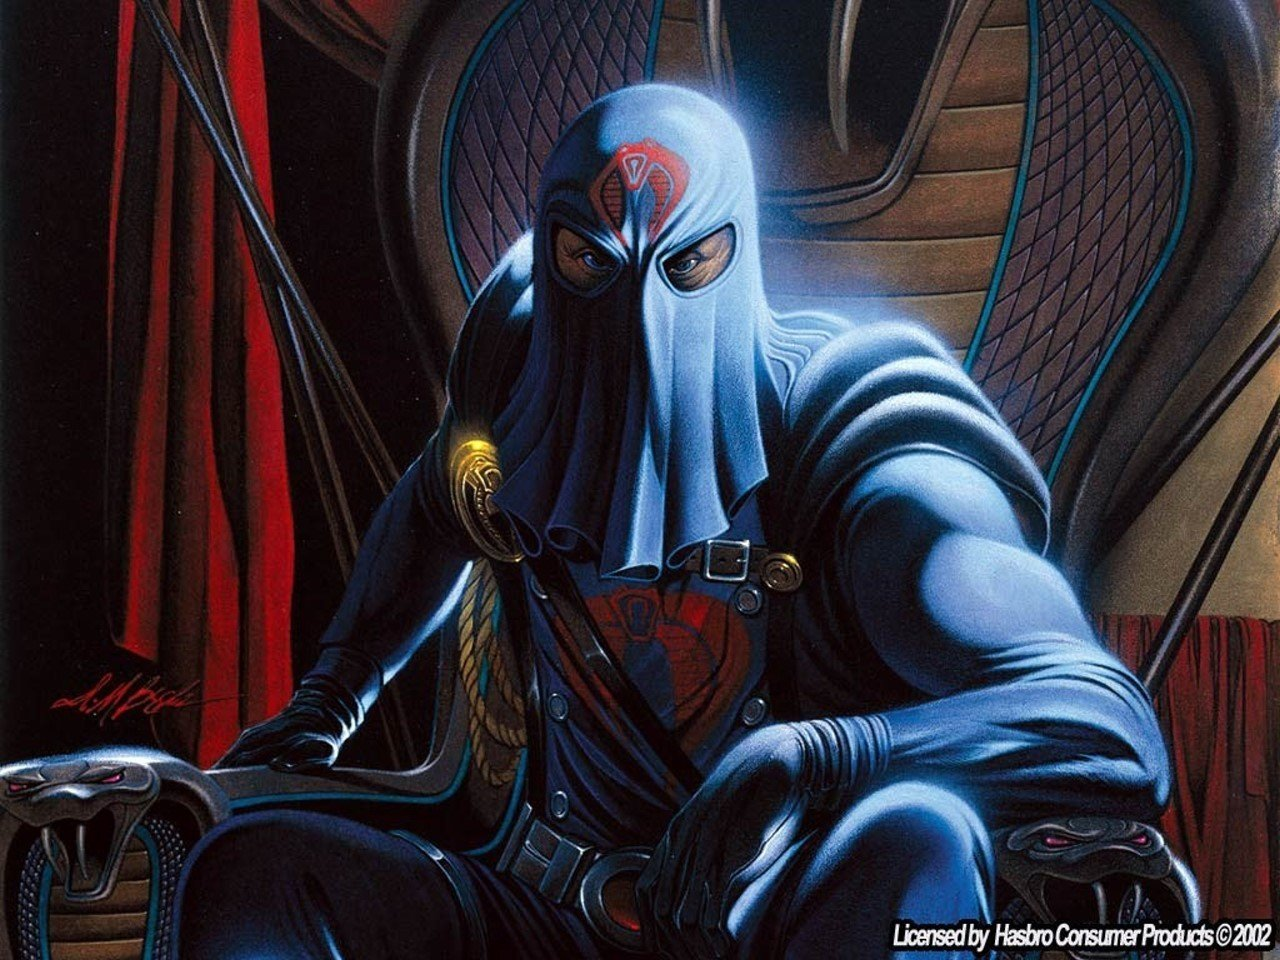 Joe images Cobra Commander wallpaper photos 5206598 1280x960